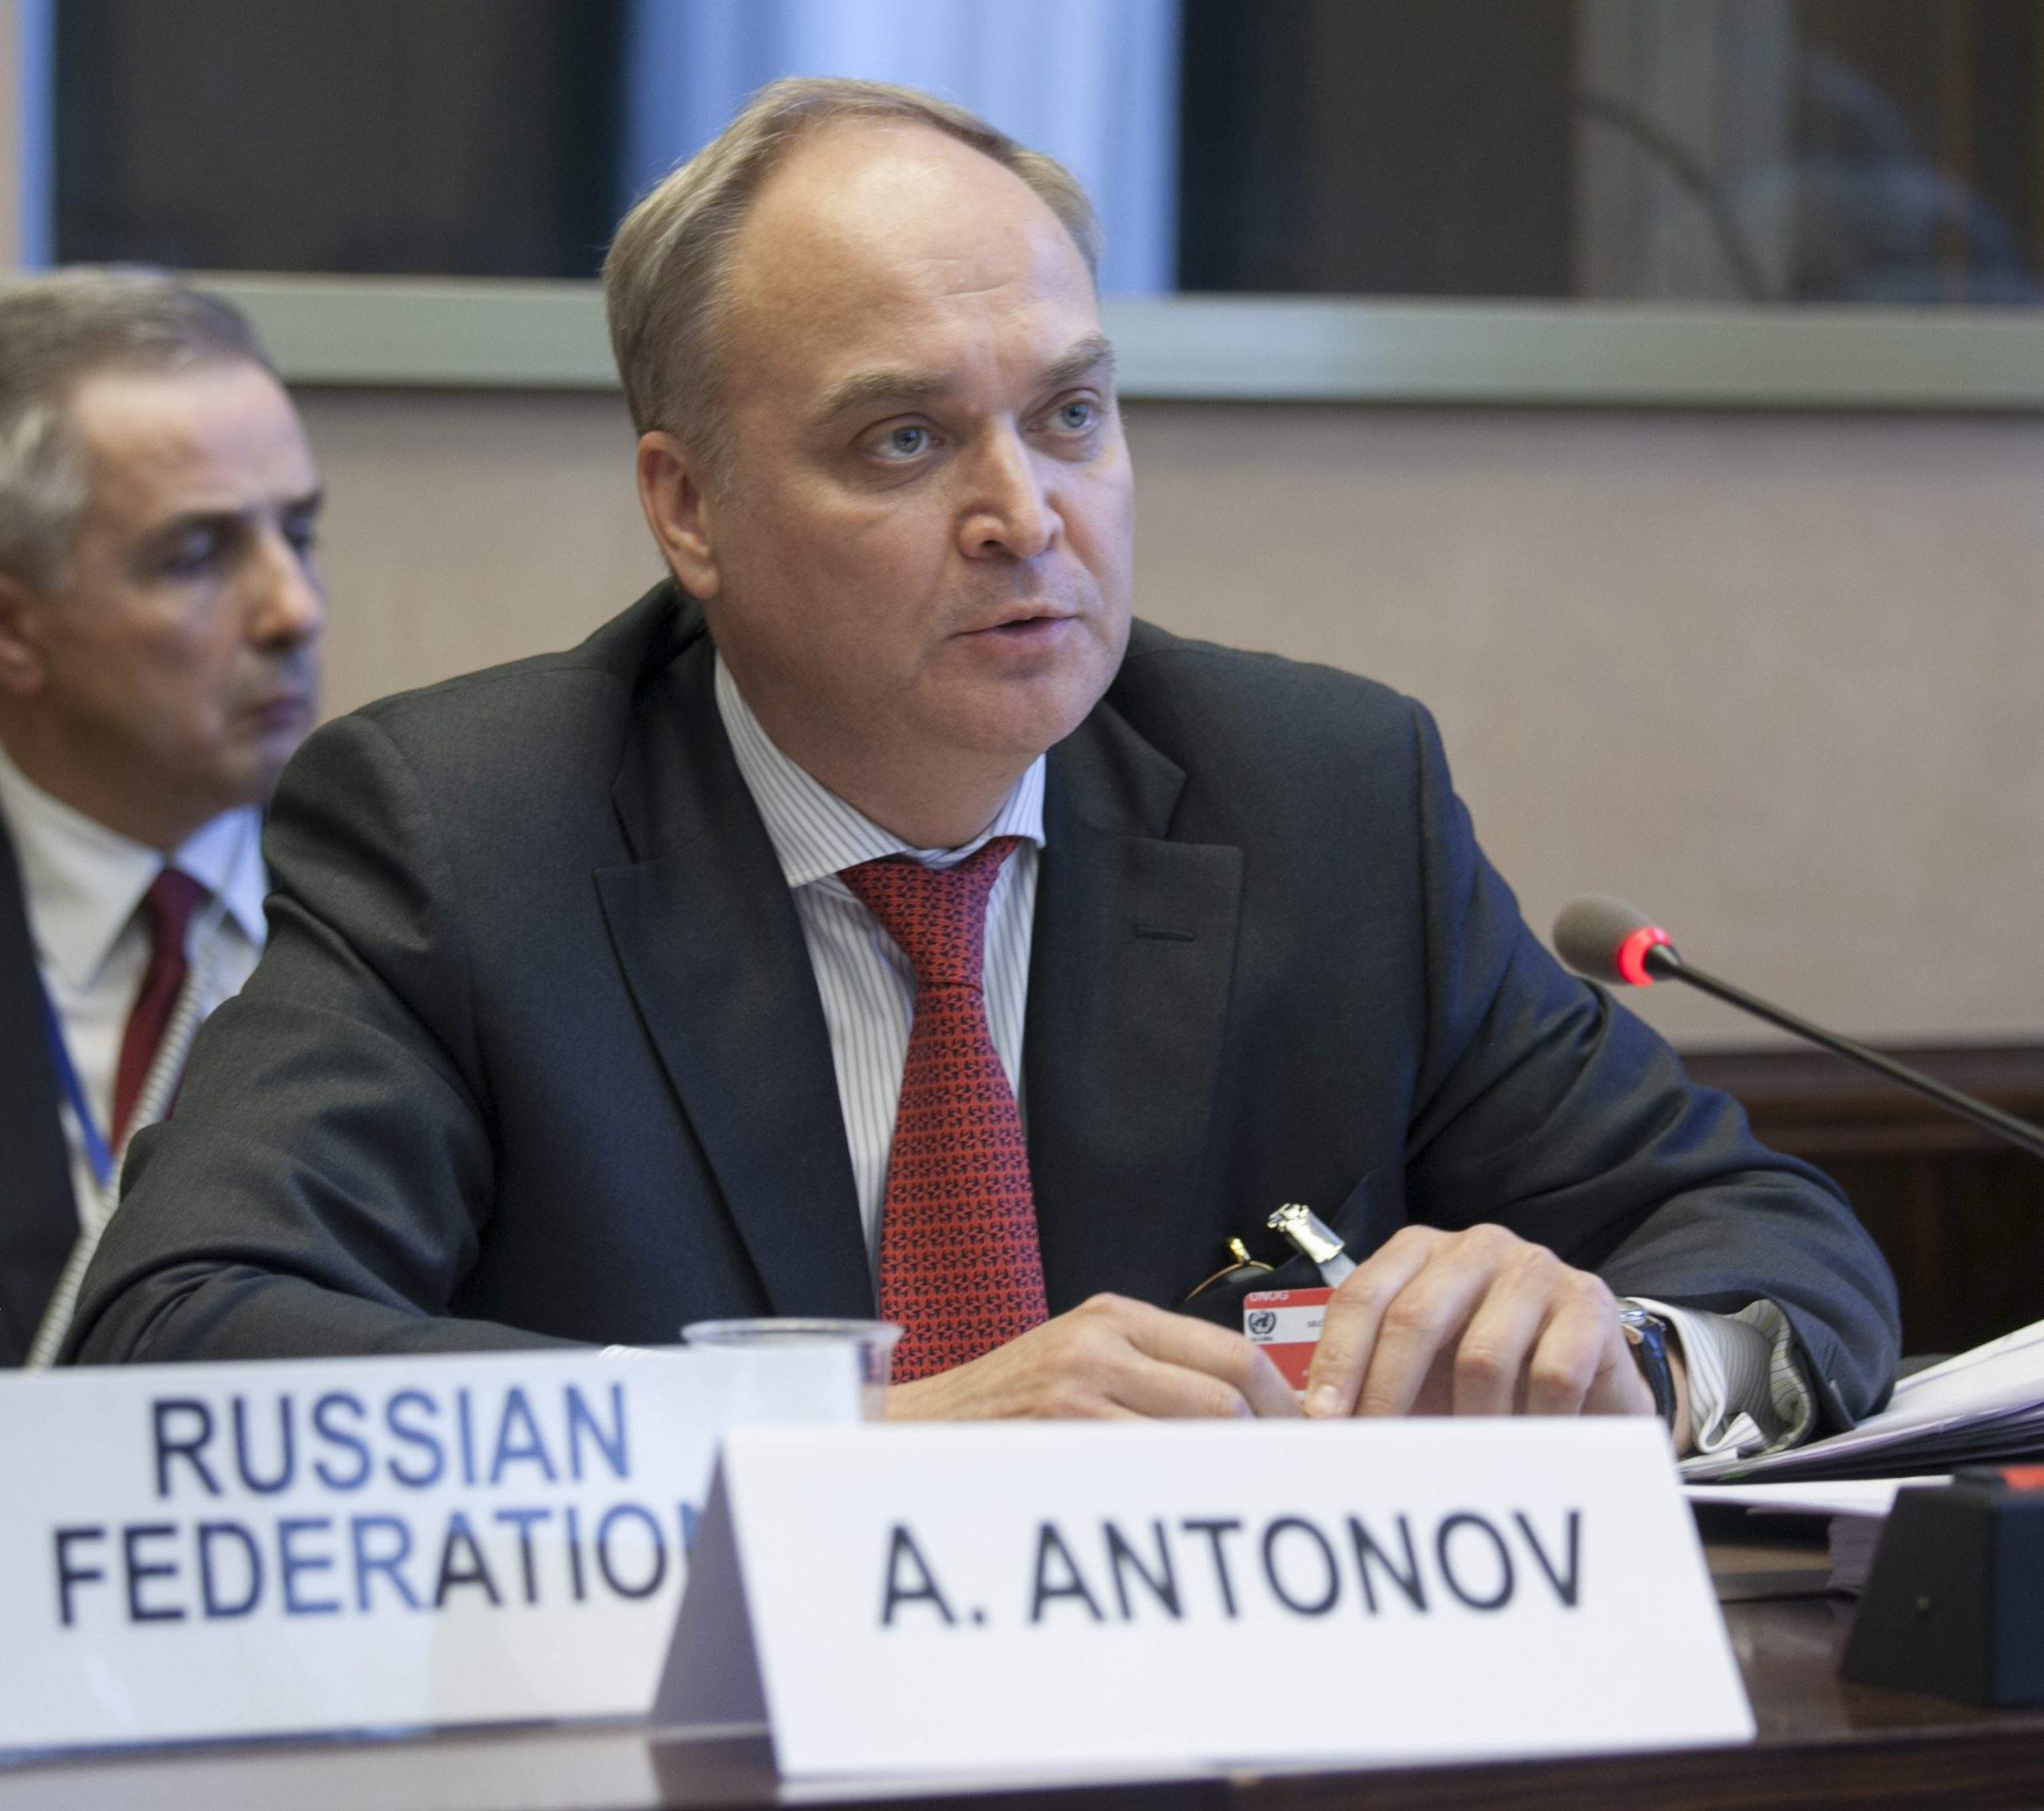 Rusia refuta las declaraciones de Estados Unidos sobre el presunto uso de armas químicas para realizar asesinatos